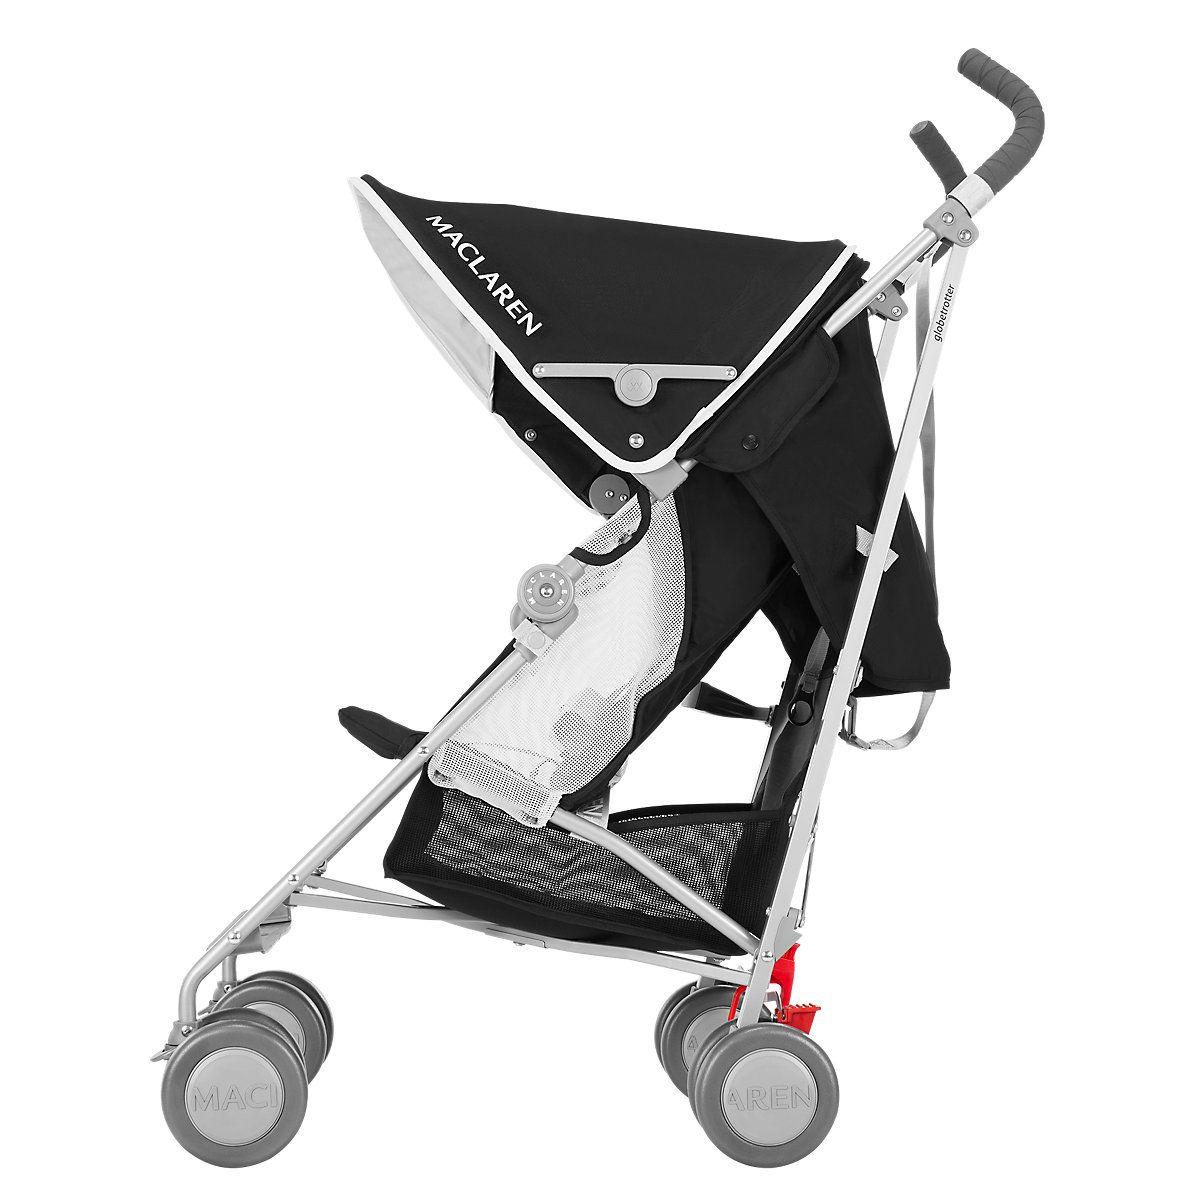 M WM1Y110291 Stroller, Umbrella stroller, Baby travel gear